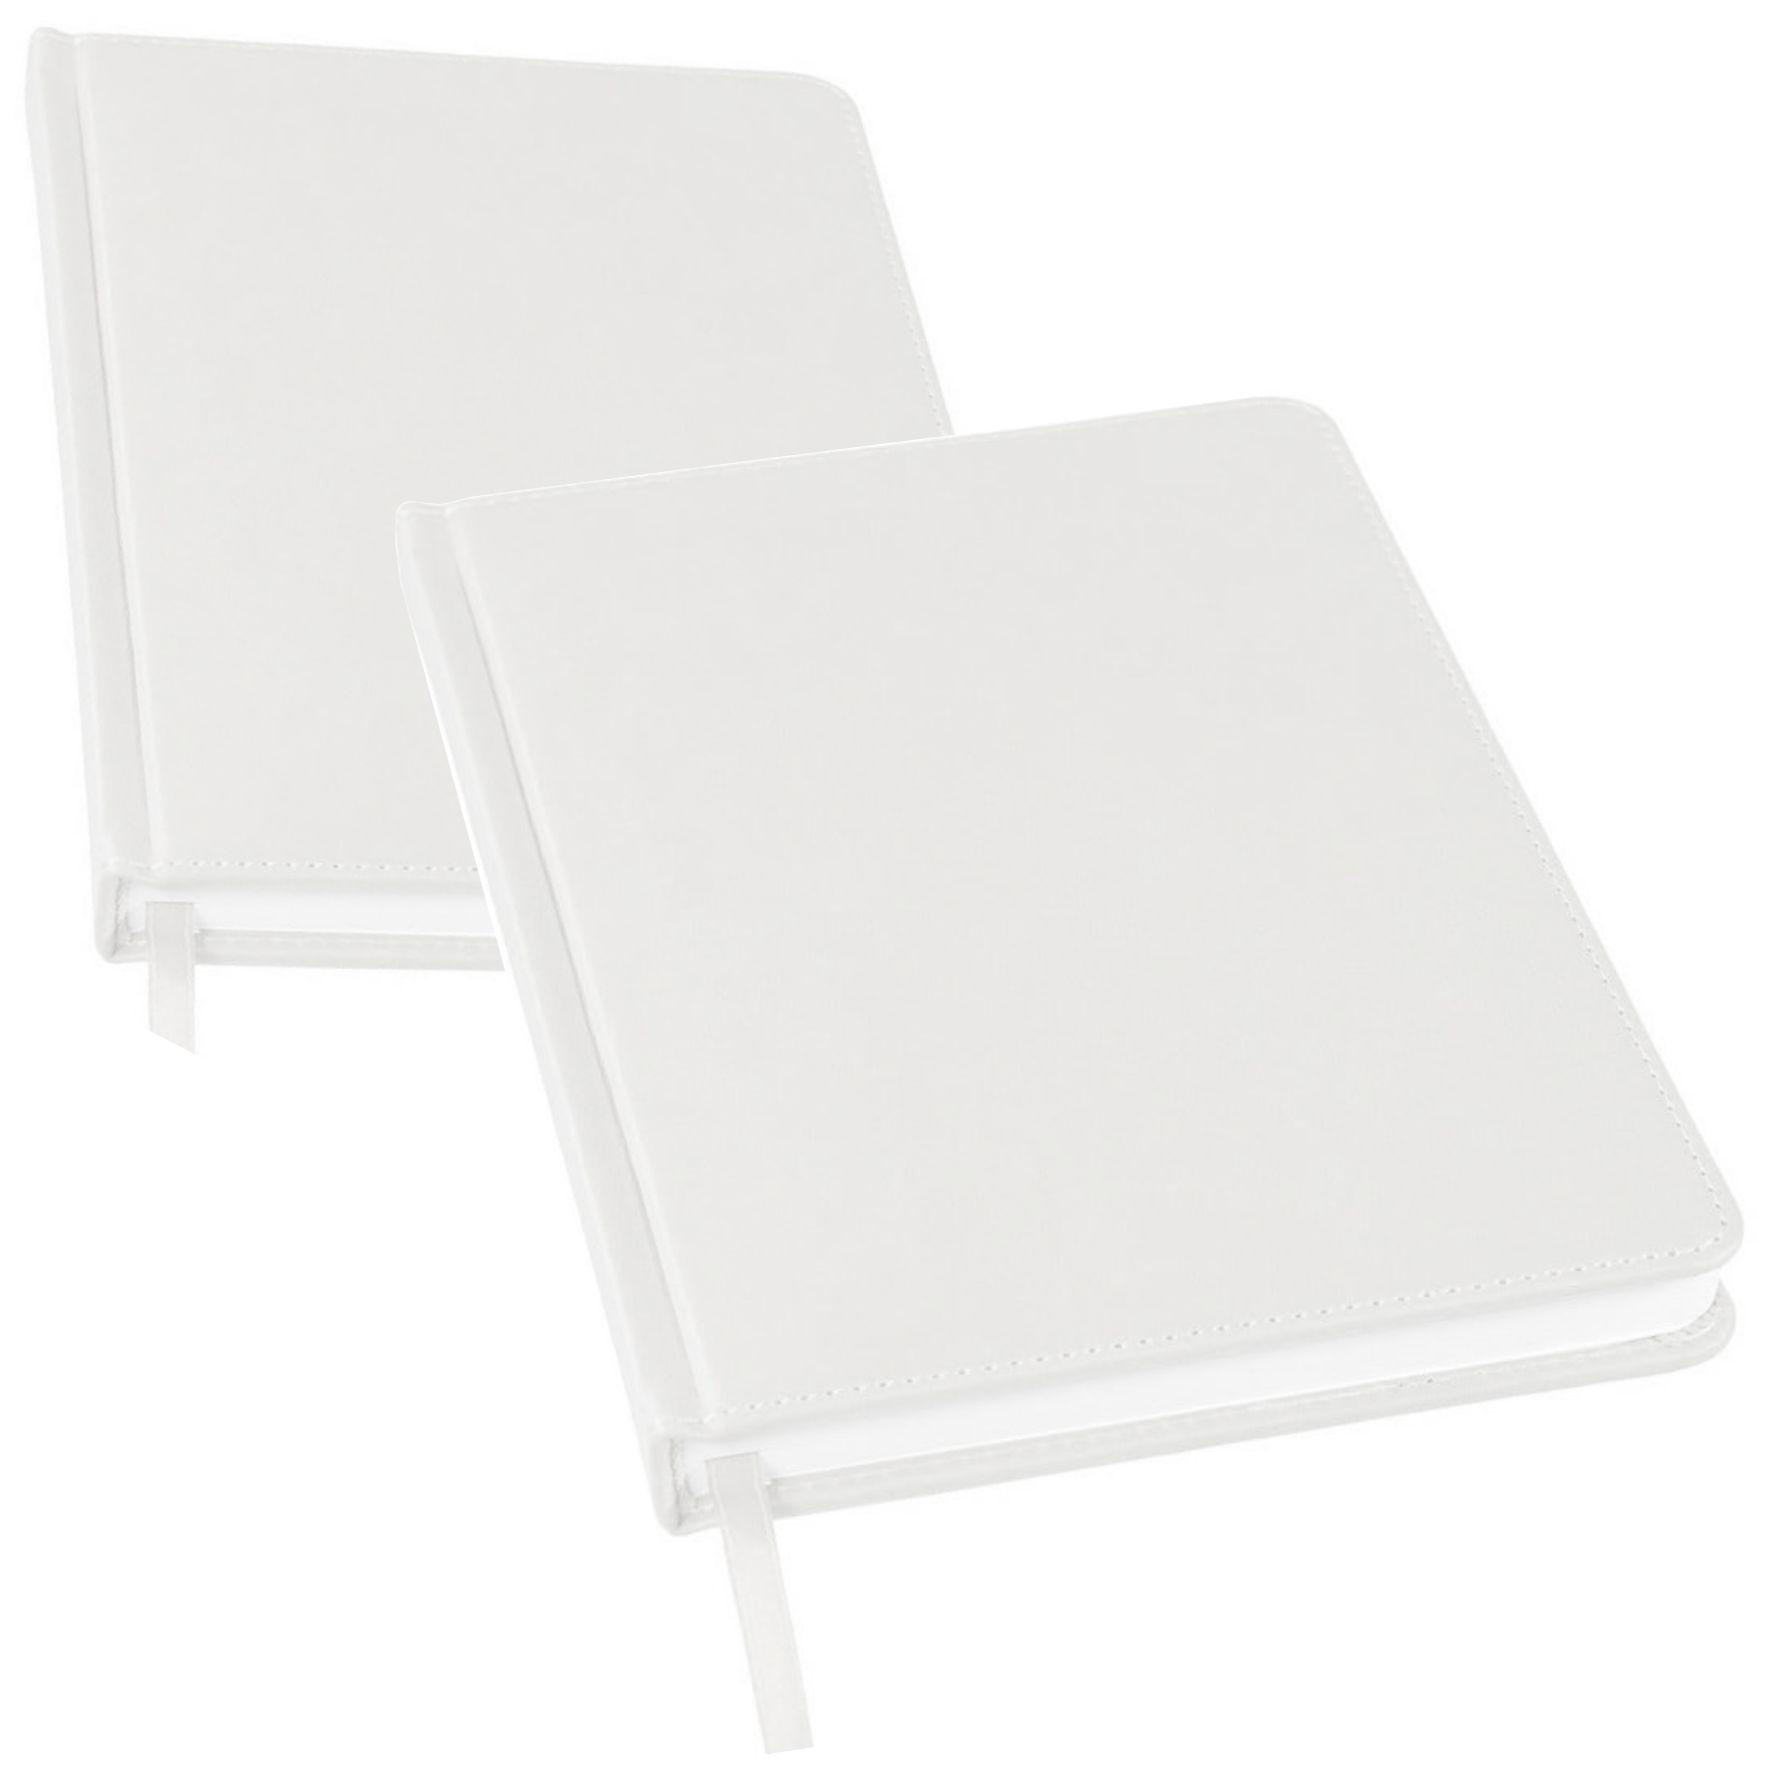 белые ежедневники с логотипом